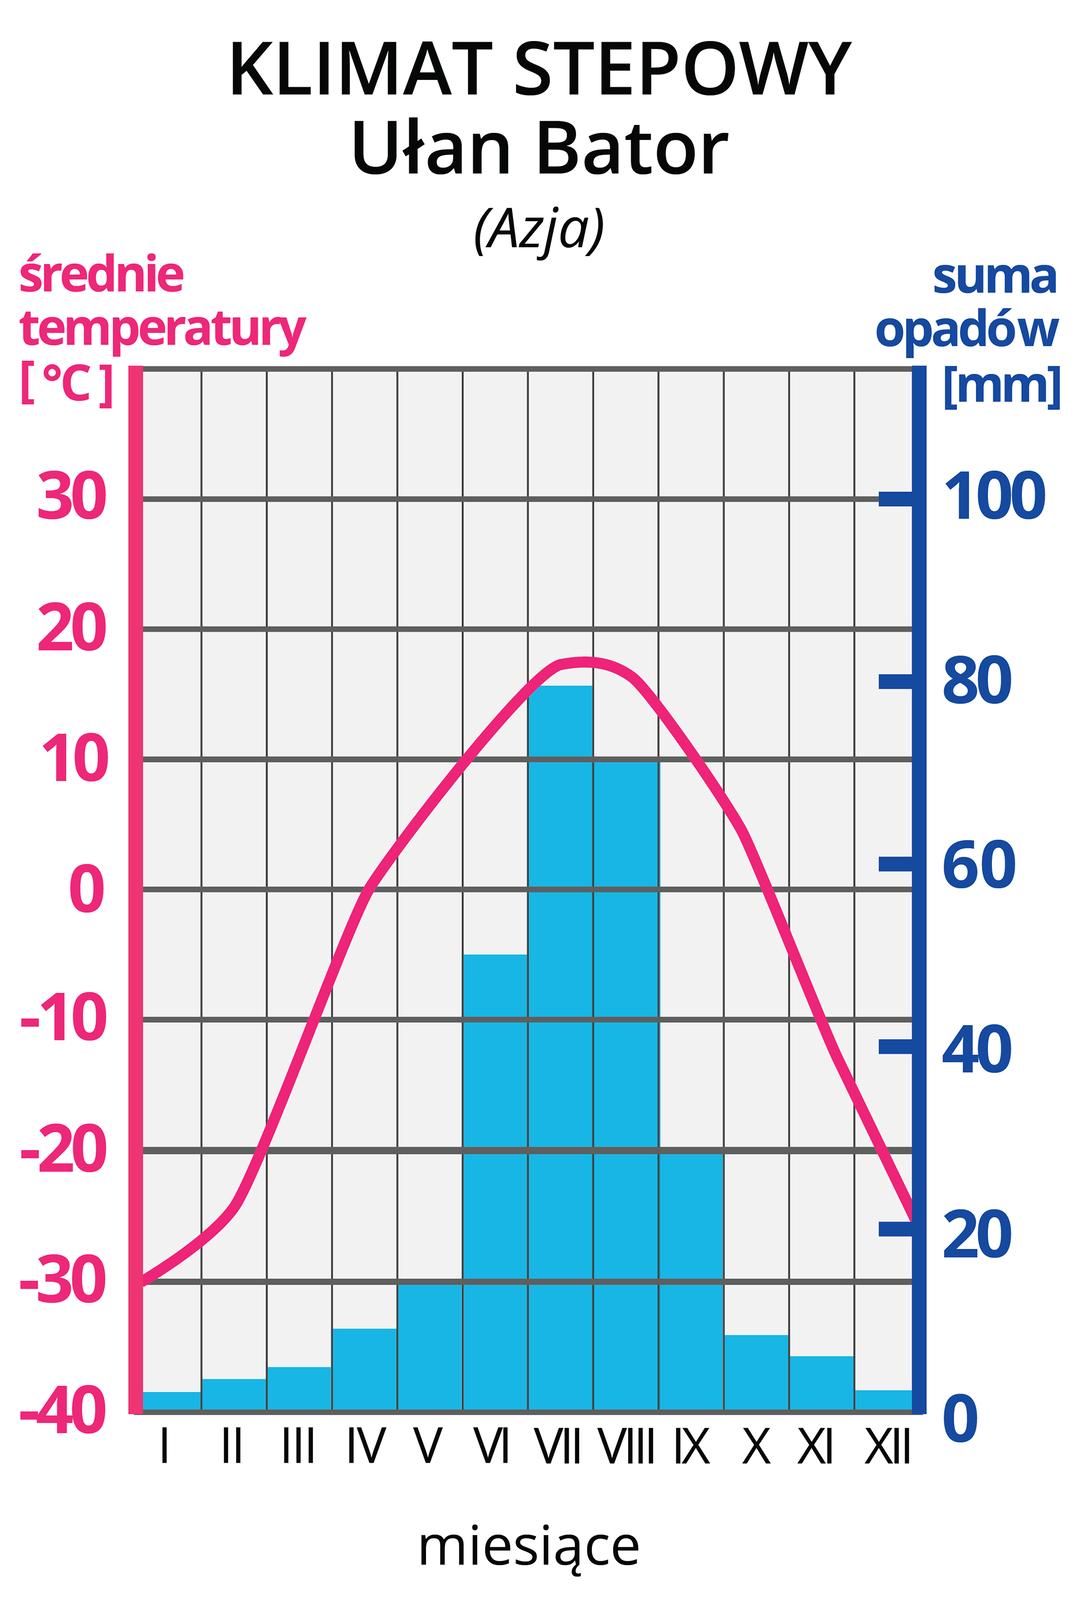 Ilustracja prezentuje wykres – klimatogram, klimatu stepowego zUłan Bator wAzji. Na lewej osi wykresu wyskalowano średnie temperatury wstopniach Celsjusza, na prawej osi wykresu wyskalowano sumy opadów wmm. Na osi poziomej zaznaczono cyframi rzymskimi kolejne miesiące. Czerwona pozioma linia na wykresie, to średnie temperatury wposzczególnych miesiącach. Tutaj linia rozpoczyna się na wysokości -30 stopni wstyczniu iwznosi się wposzczególnych miesiącach do około 20 stopni wlipcu, po czym opada do -25 stopni wgrudniu. Niebieskie słupki to wysokości sum opadów wposzczególnych miesiącach. Najwyższe opady, powyżej 50 mm, wmiesiącach czerwiec-sierpień. Najniższe opady, poniżej 20 mm, przypadają na październik imaj.